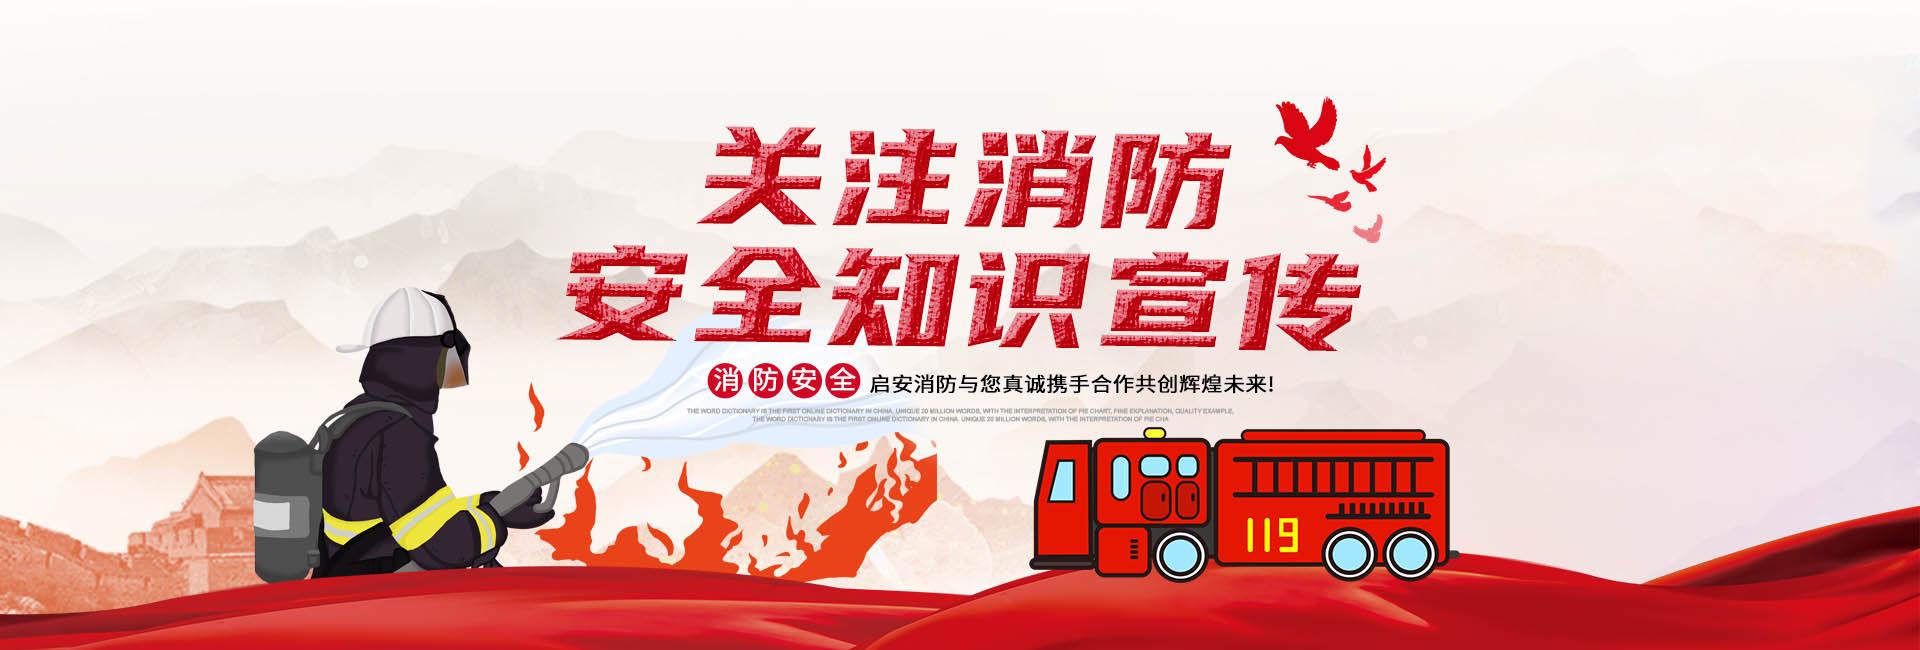 内蒙古消防工程检测